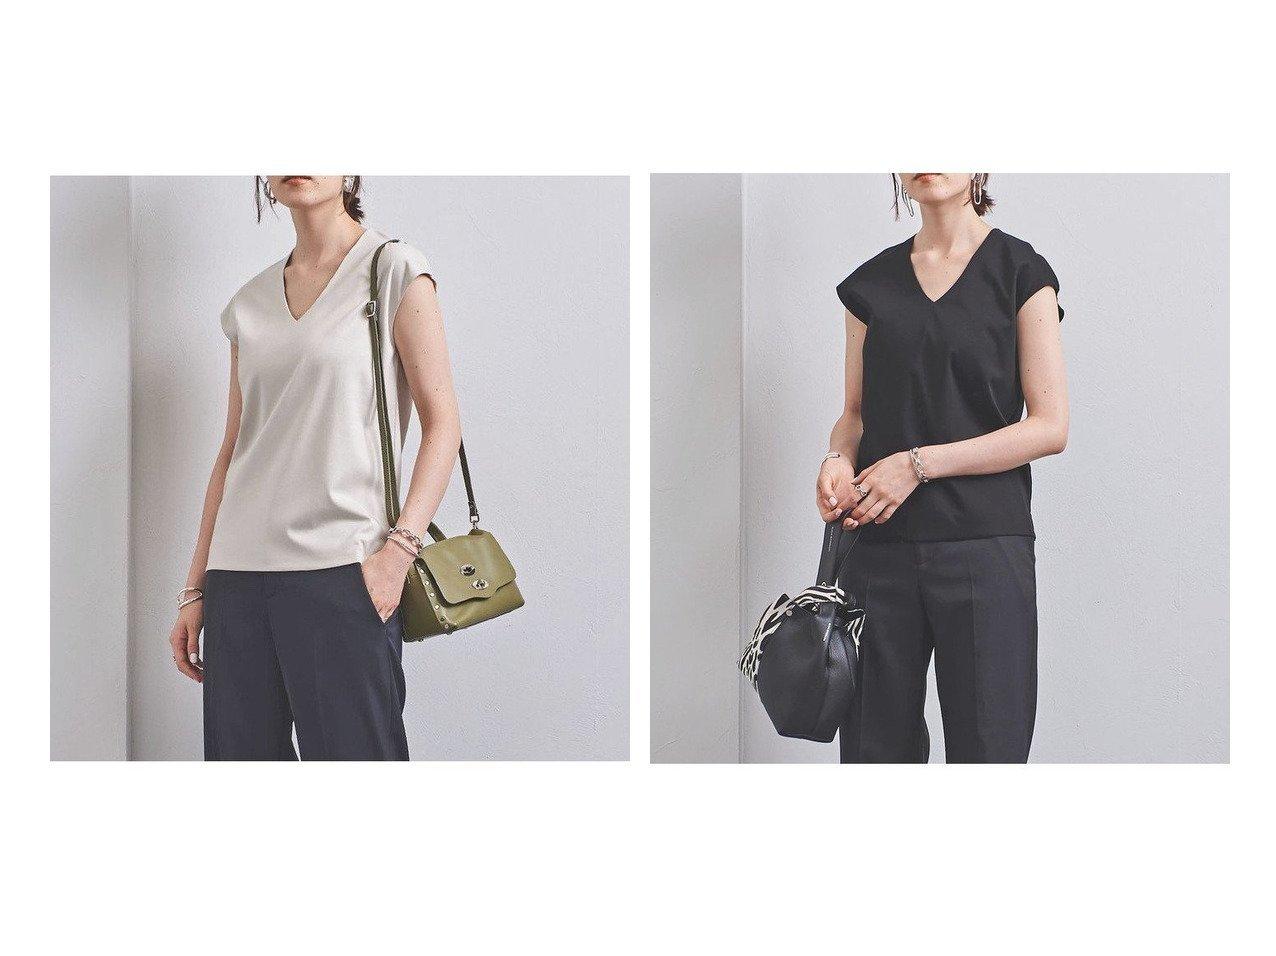 【UNITED ARROWS/ユナイテッドアローズ】のUBCB C DOUBLE Vネック Tシャツ 2 UNITED ARROWSのおすすめ!人気、トレンド・レディースファッションの通販 おすすめで人気の流行・トレンド、ファッションの通販商品 メンズファッション・キッズファッション・インテリア・家具・レディースファッション・服の通販 founy(ファニー) https://founy.com/ ファッション Fashion レディースファッション WOMEN トップス Tops Tshirt シャツ/ブラウス Shirts Blouses ロング / Tシャツ T-Shirts カットソー Cut and Sewn Vネック V-Neck インナー キャップ コンパクト ジャケット スリーブ |ID:crp329100000019133